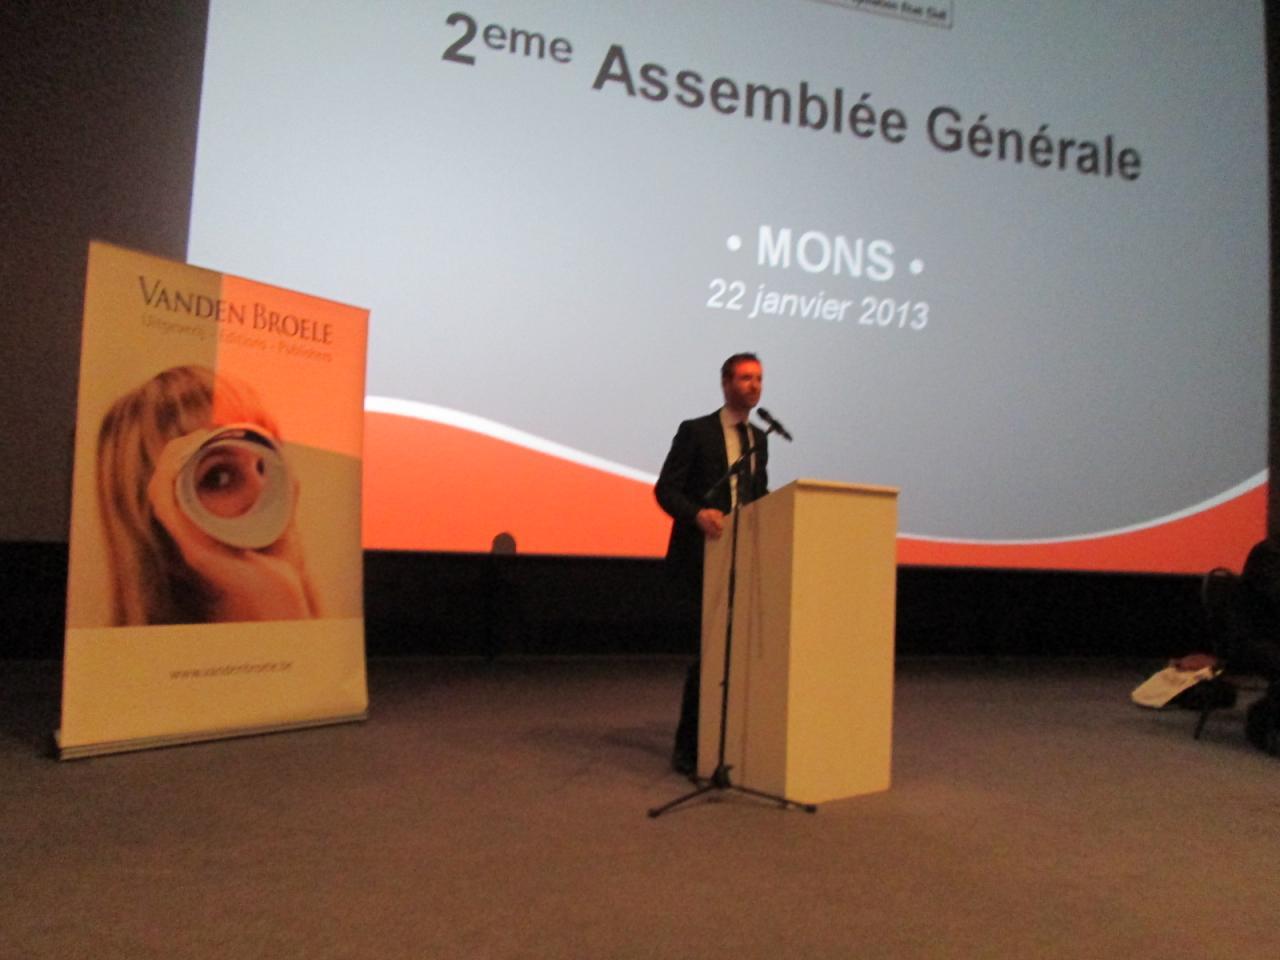 AG MONS_0005